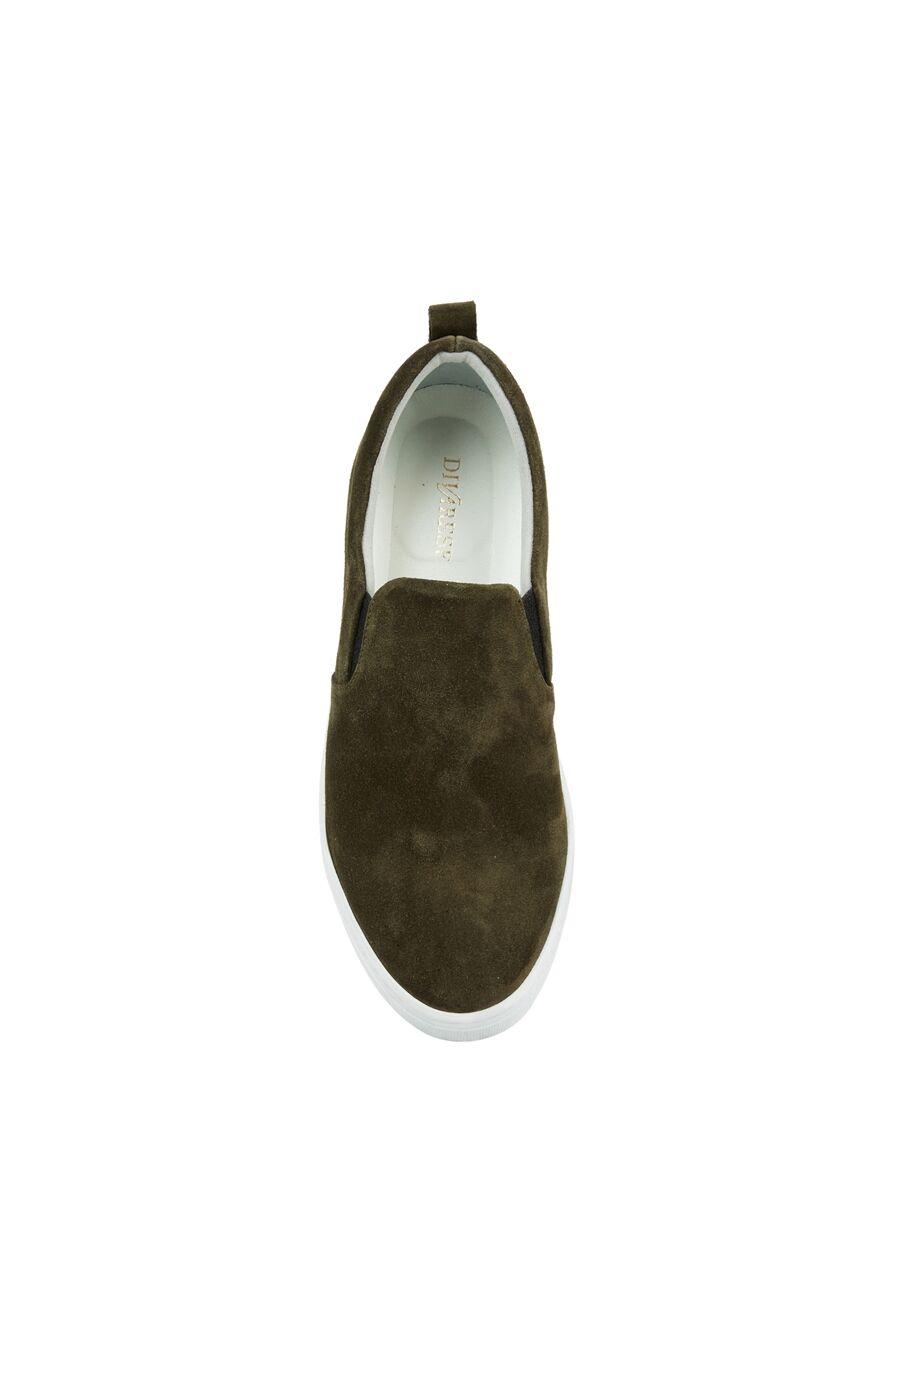 Haki Kadın Ayakkabı